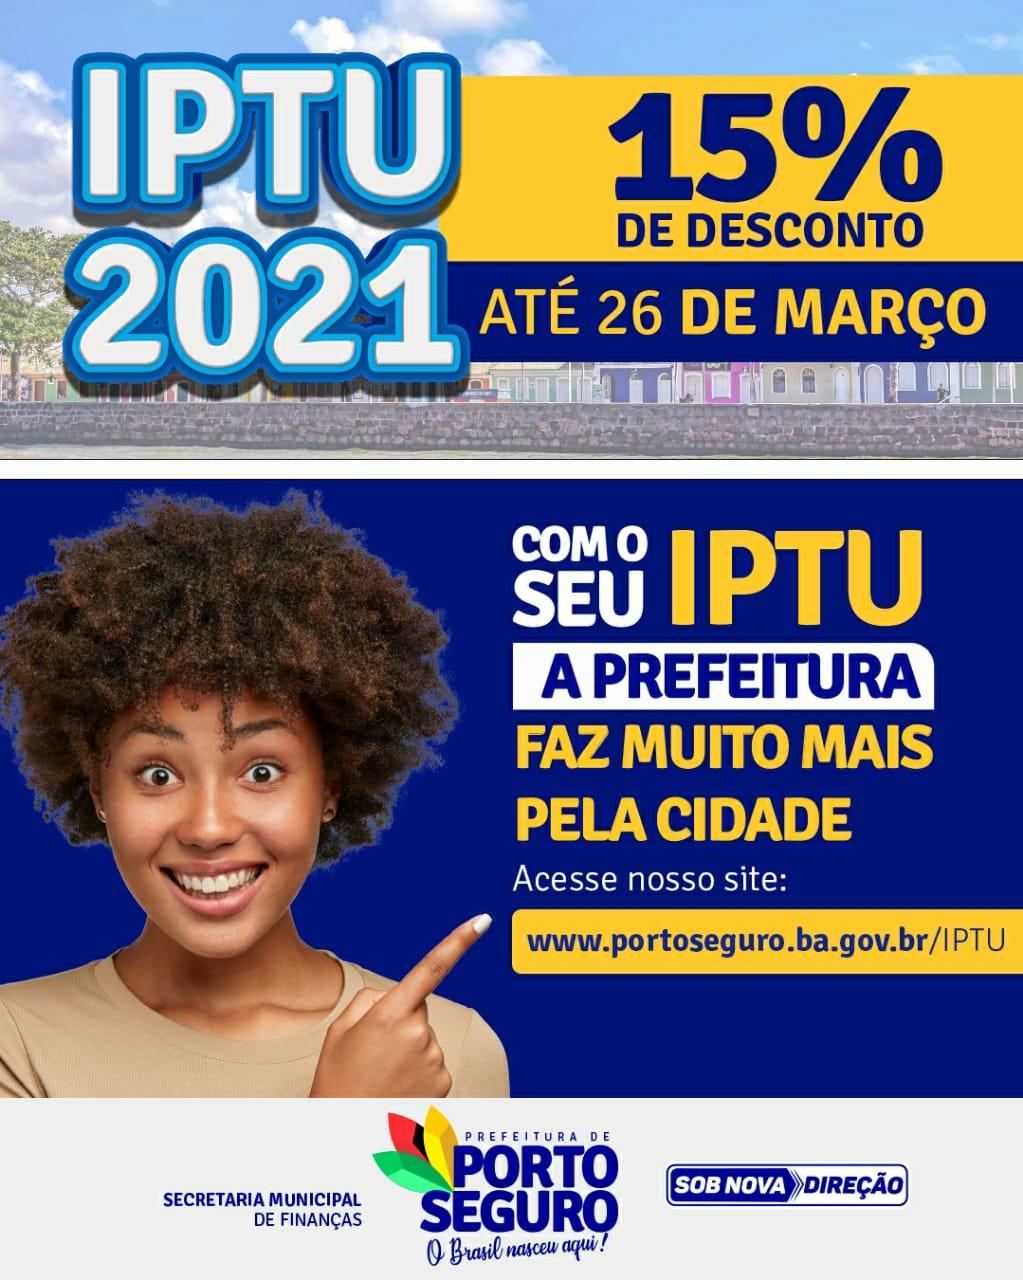 Porto Seguro: Contribuintes já podem pagar IPTU 2021 com desconto 18